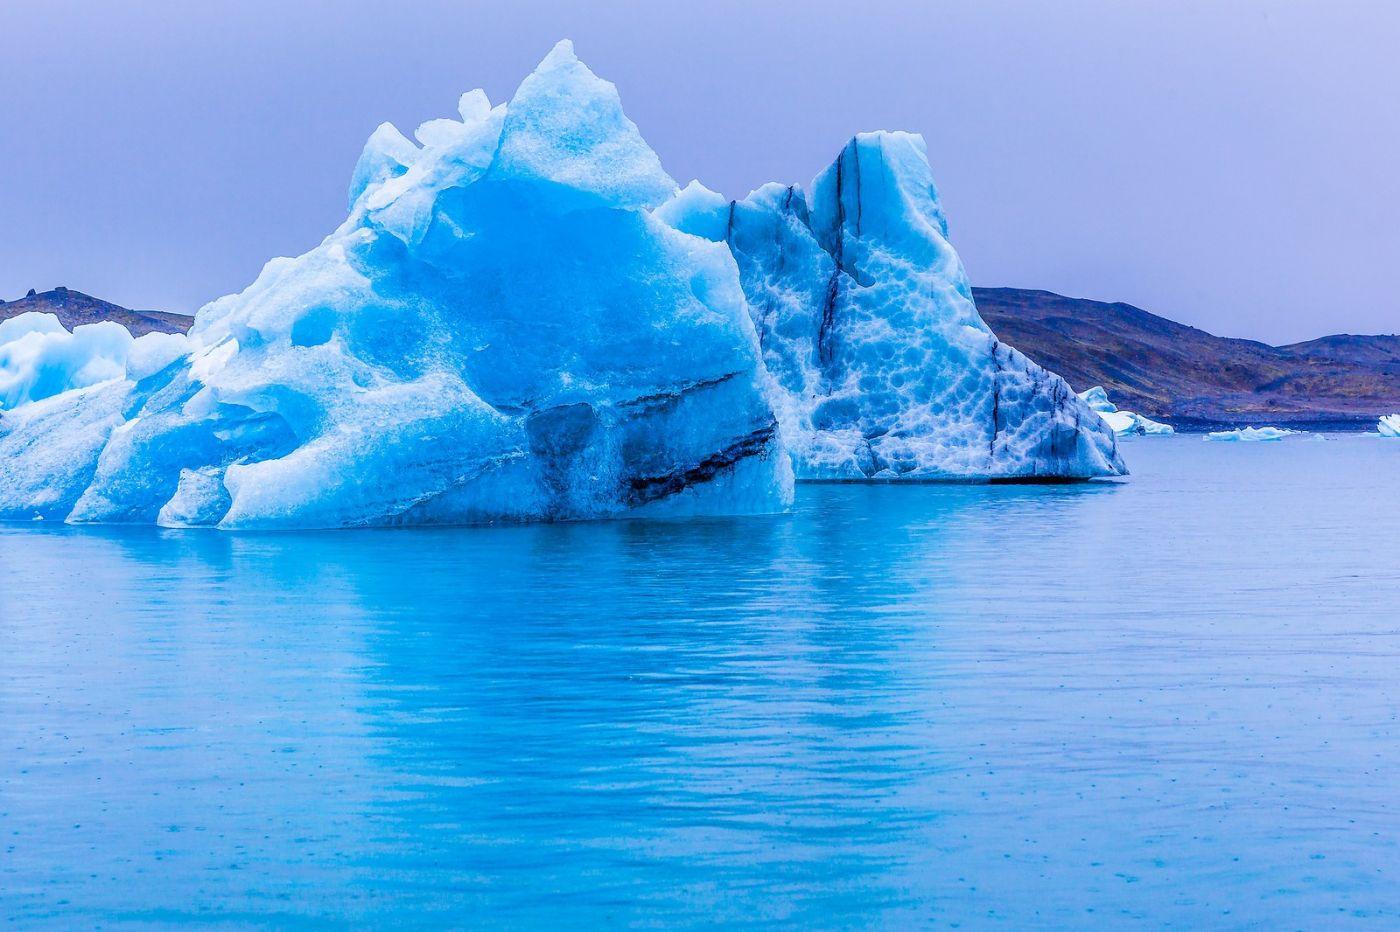 冰岛冰川泻湖(Glacier Lagoon),自然雕塑_图1-16